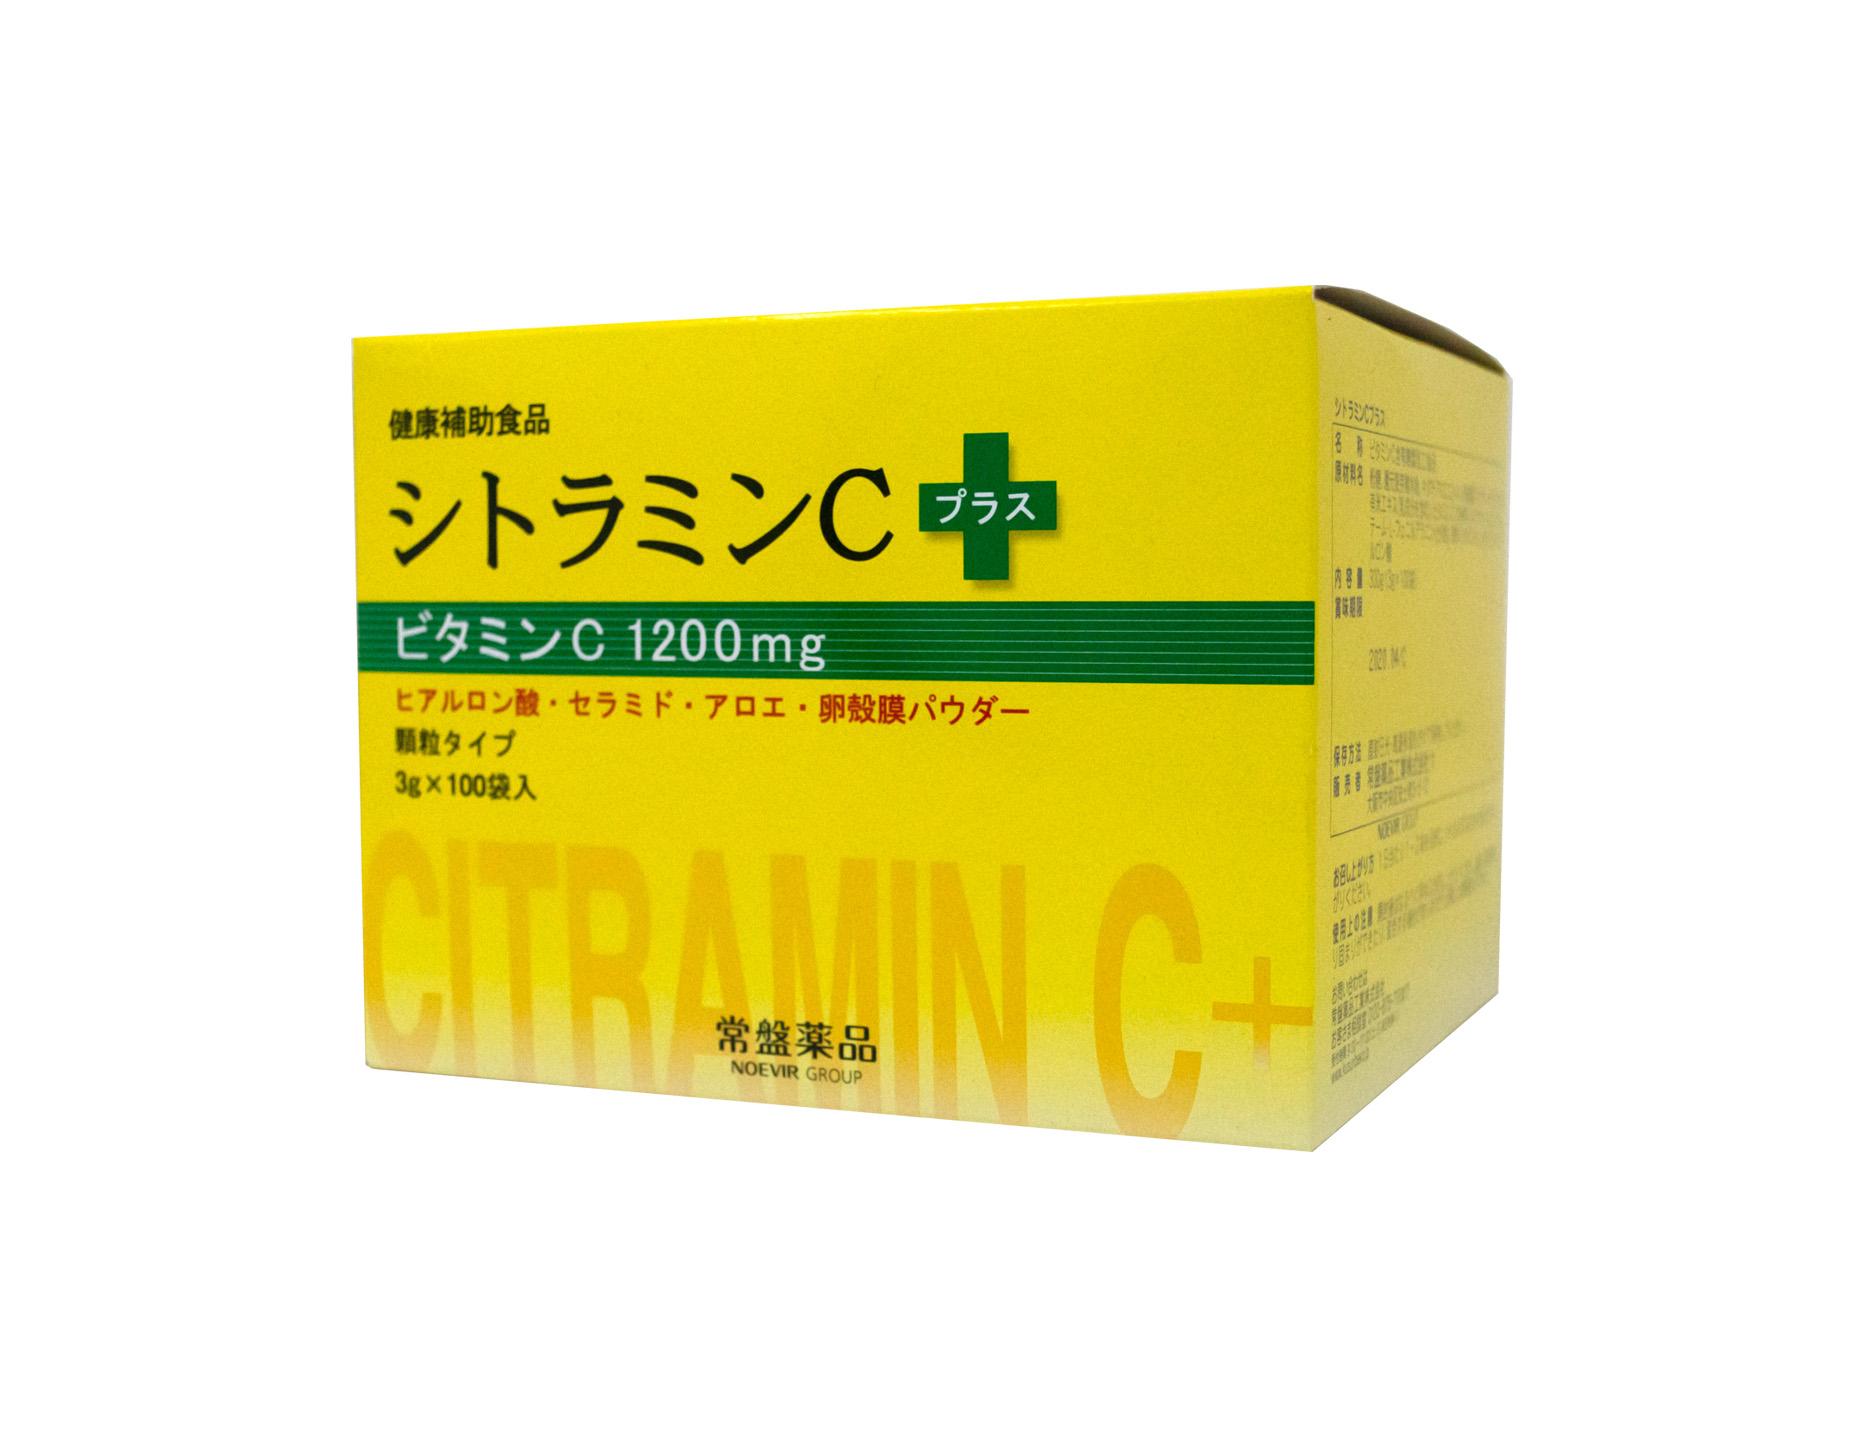 ビタミンC 1200mg シトラミンCプラス 100袋入